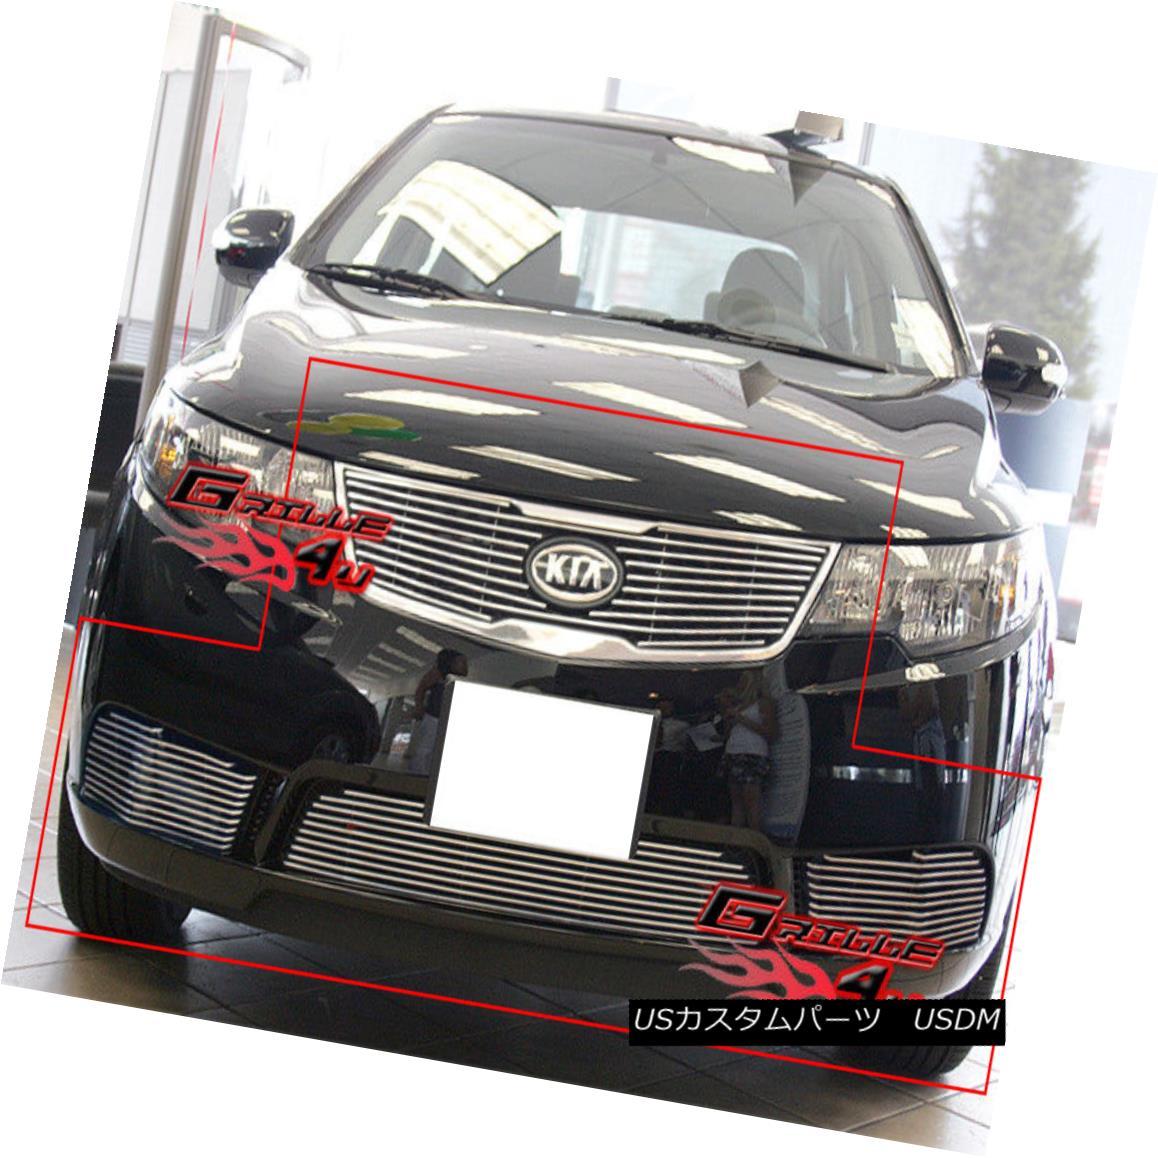 グリル Fits 10-11 2011 Kia Forte Sedan Billet Grille Grill Combo Insert フィット10-11 2011 Kia Forteセダンビレットグリルグリルコンボインサート